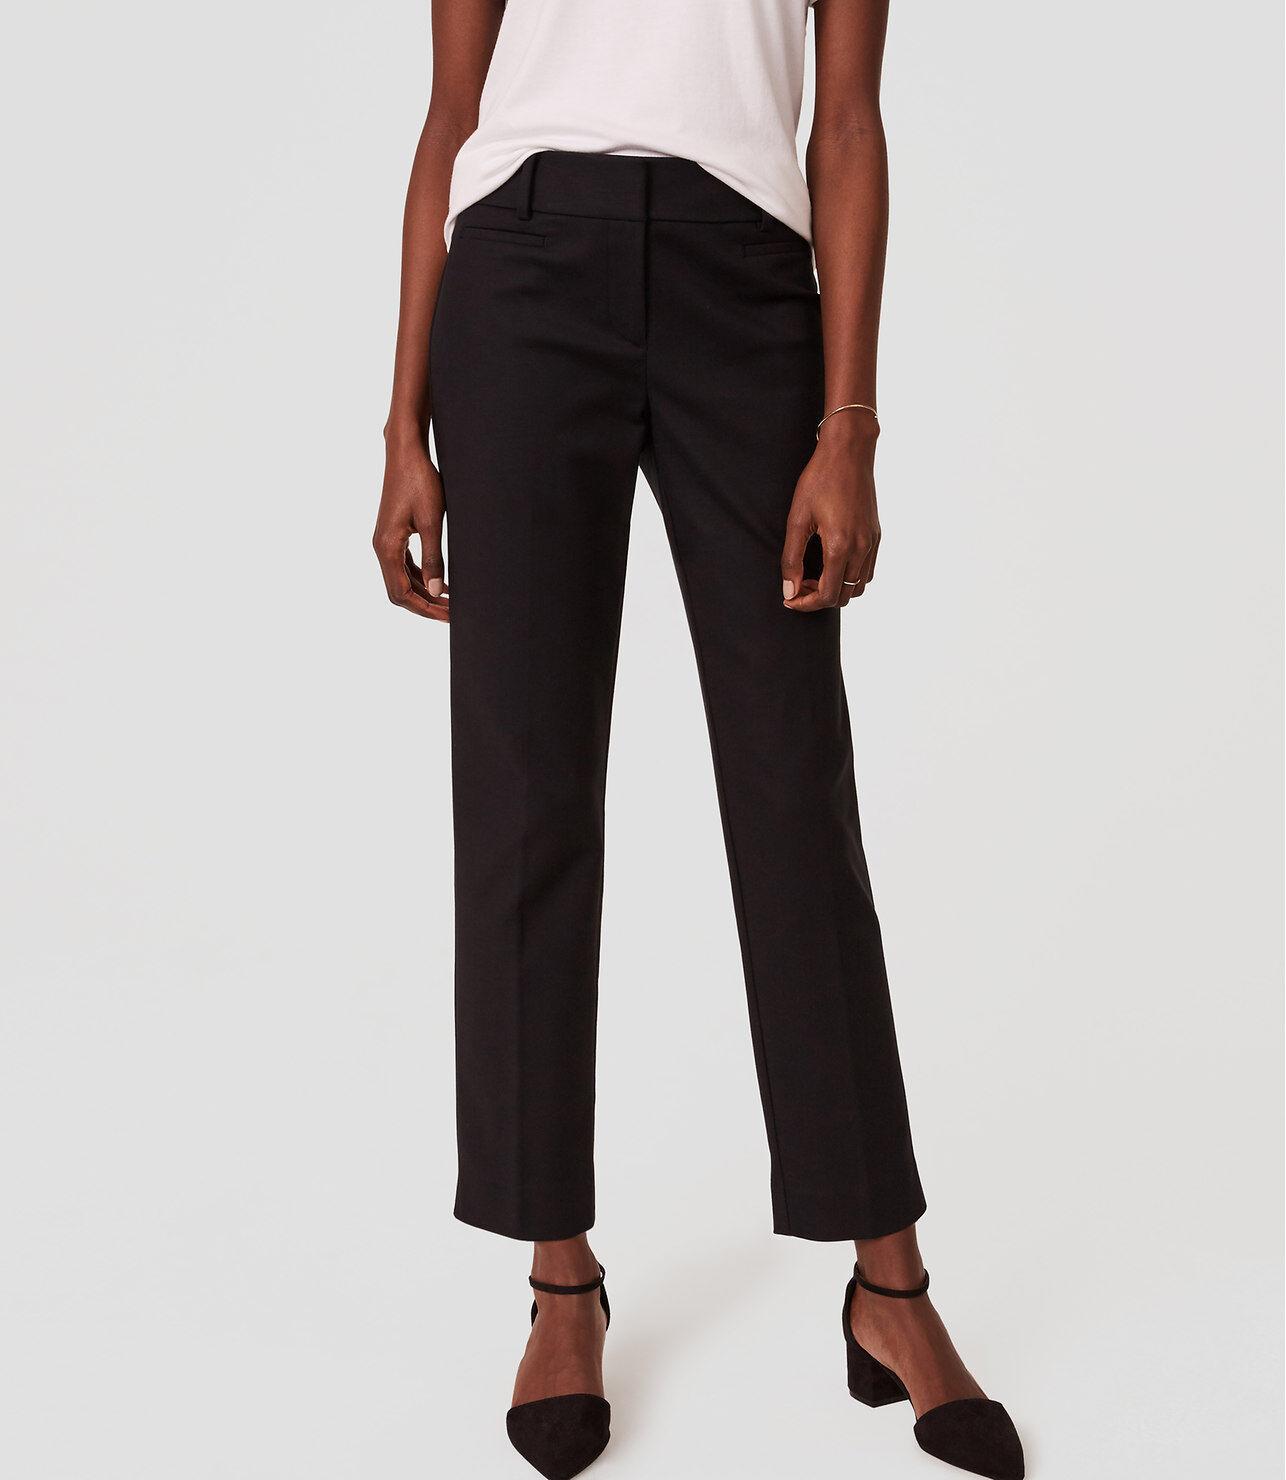 Petite lined career pants hot hot hot